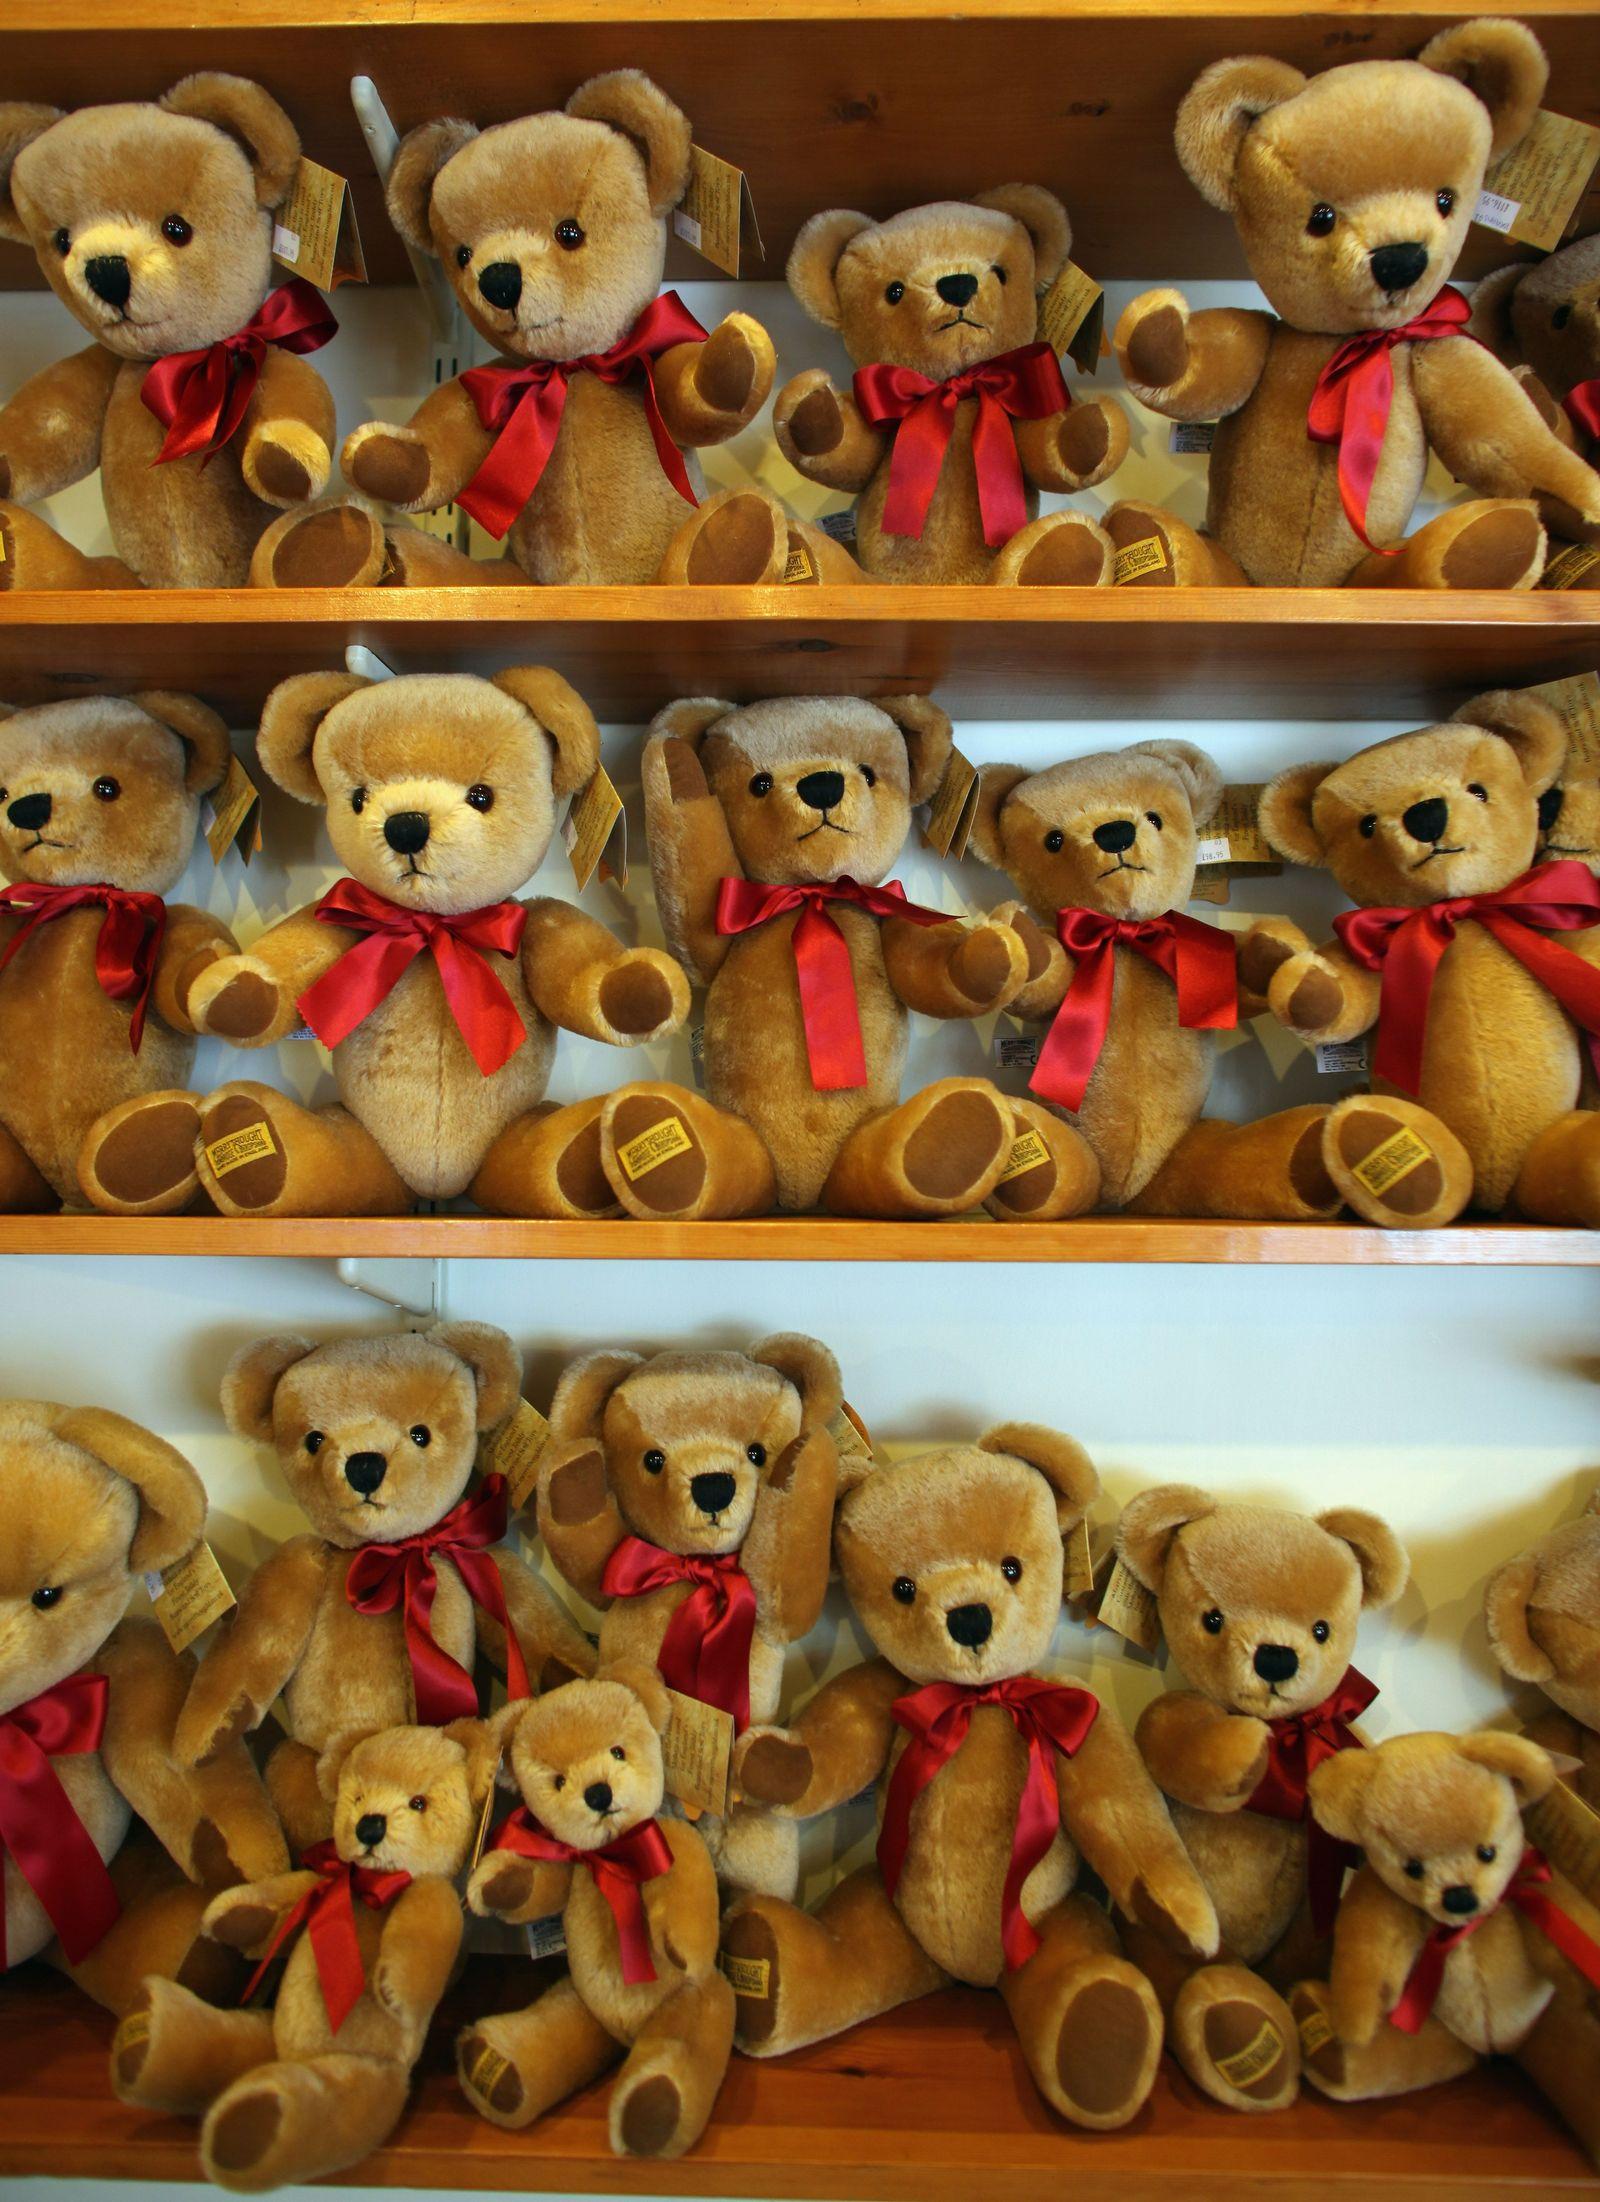 Spielzeug/Teddy